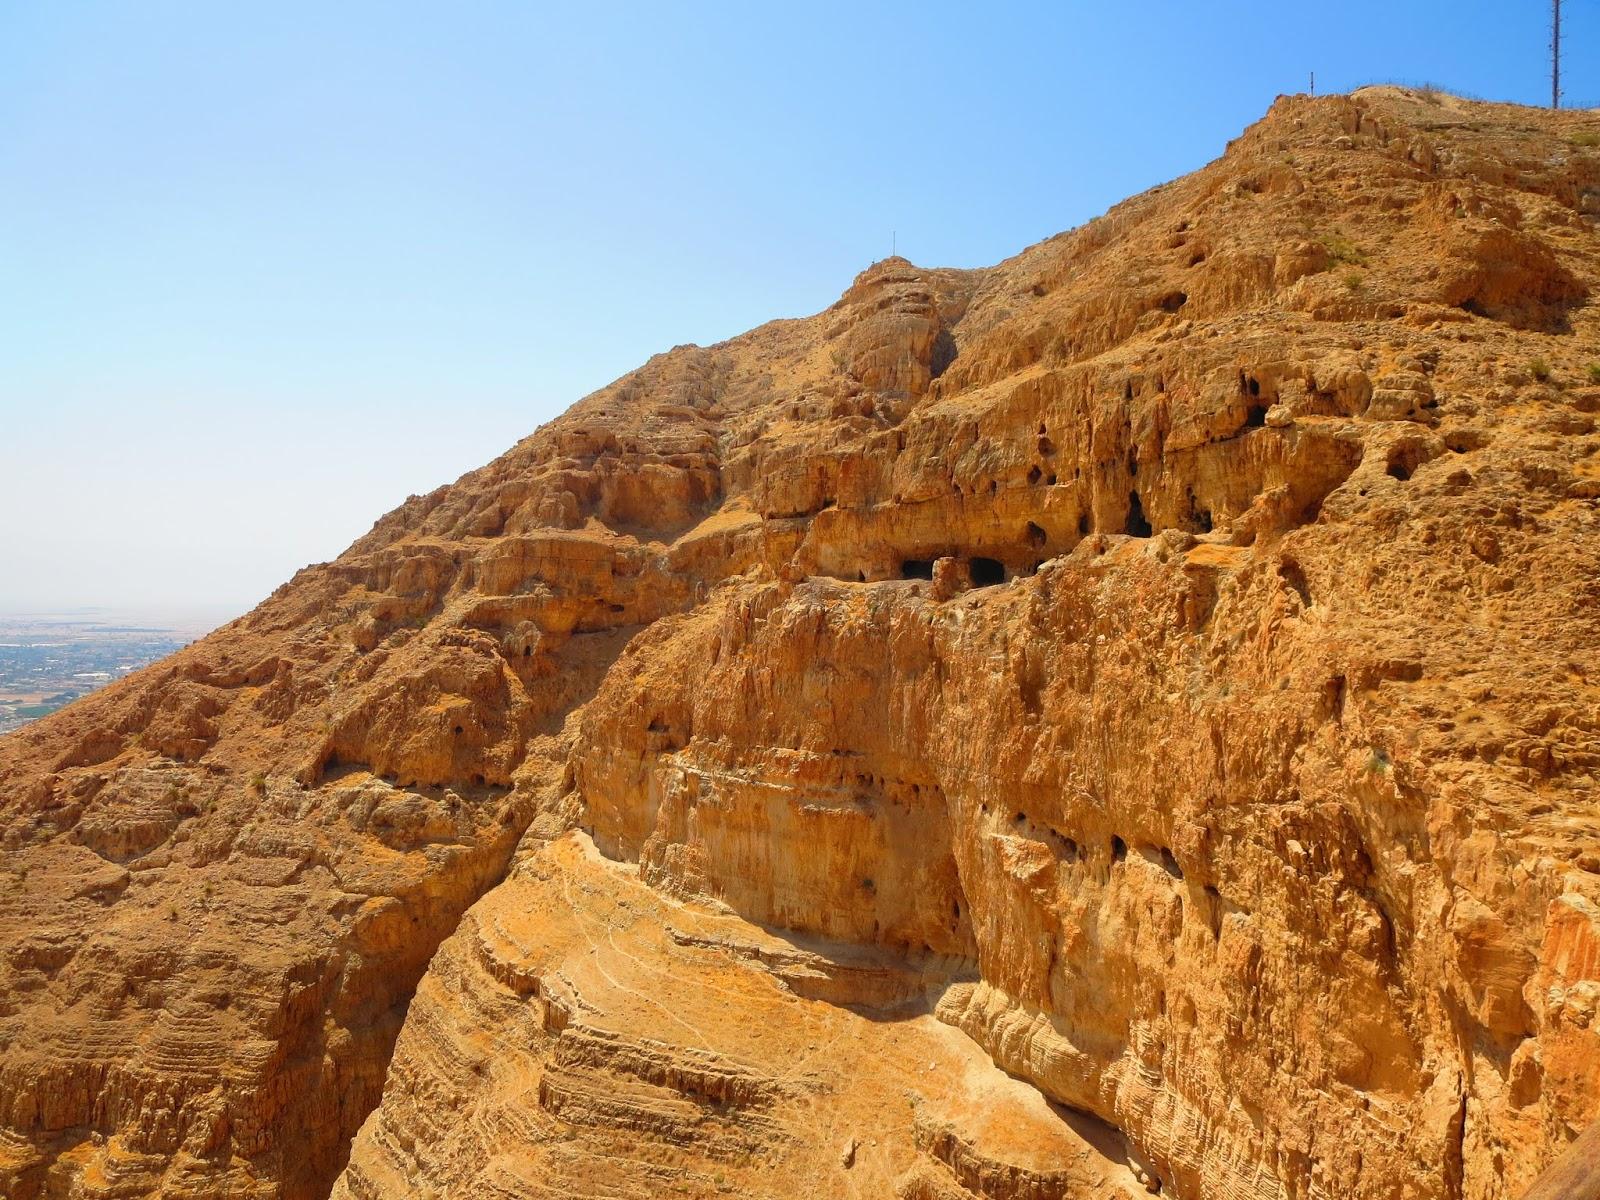 Israele e Cipro Altri luoghi sacri in Palestina